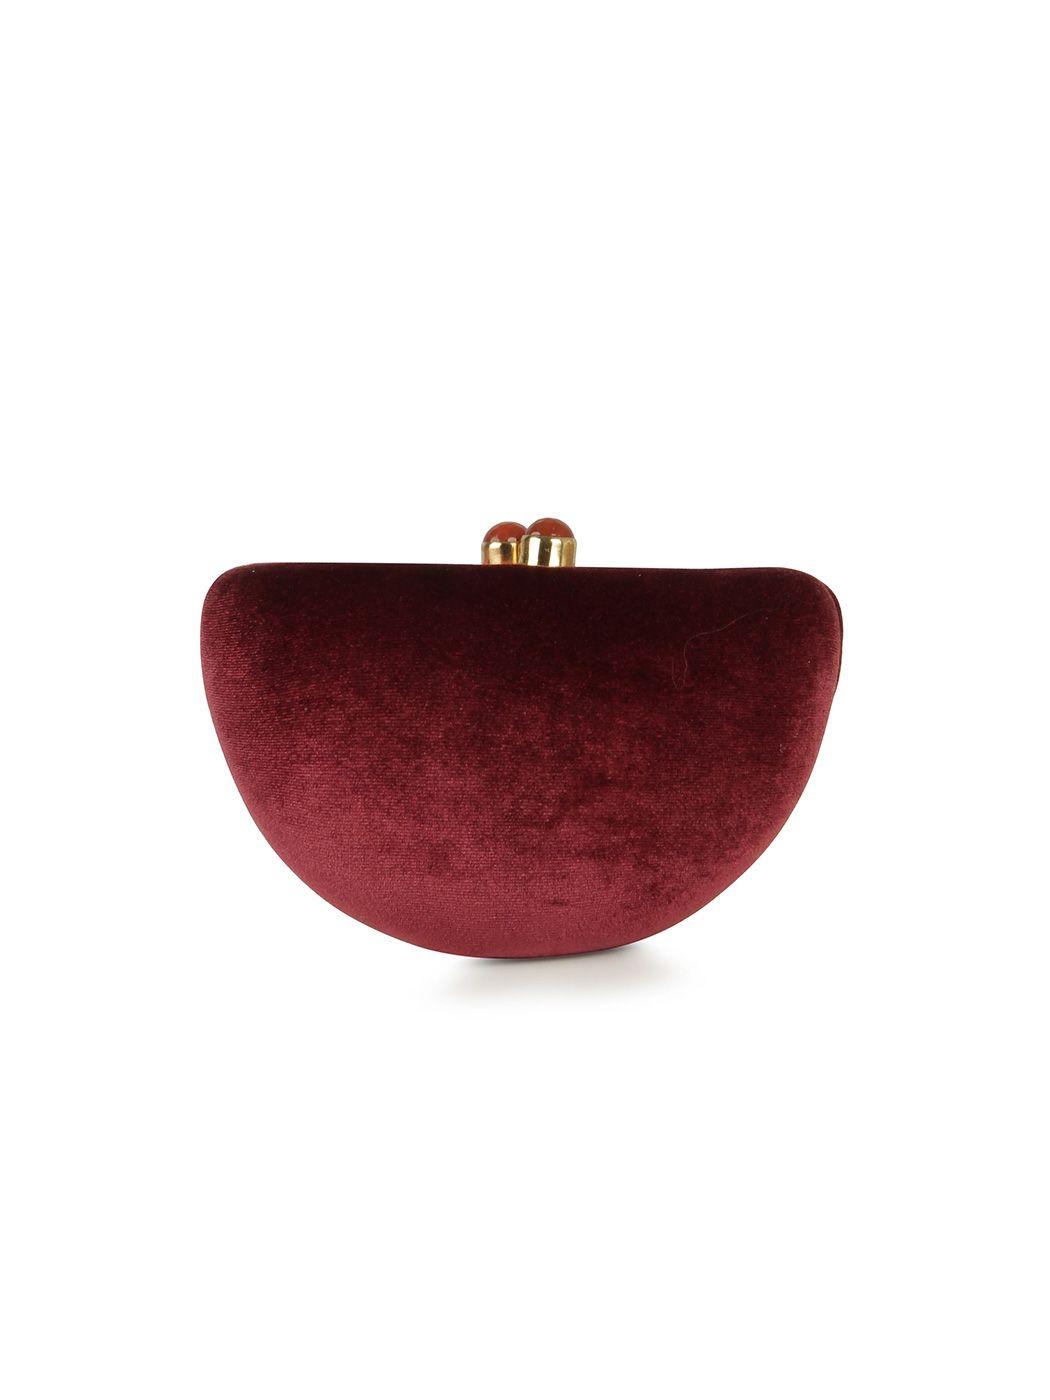 Velvet oval clutch | Hoss Intropia Sweden